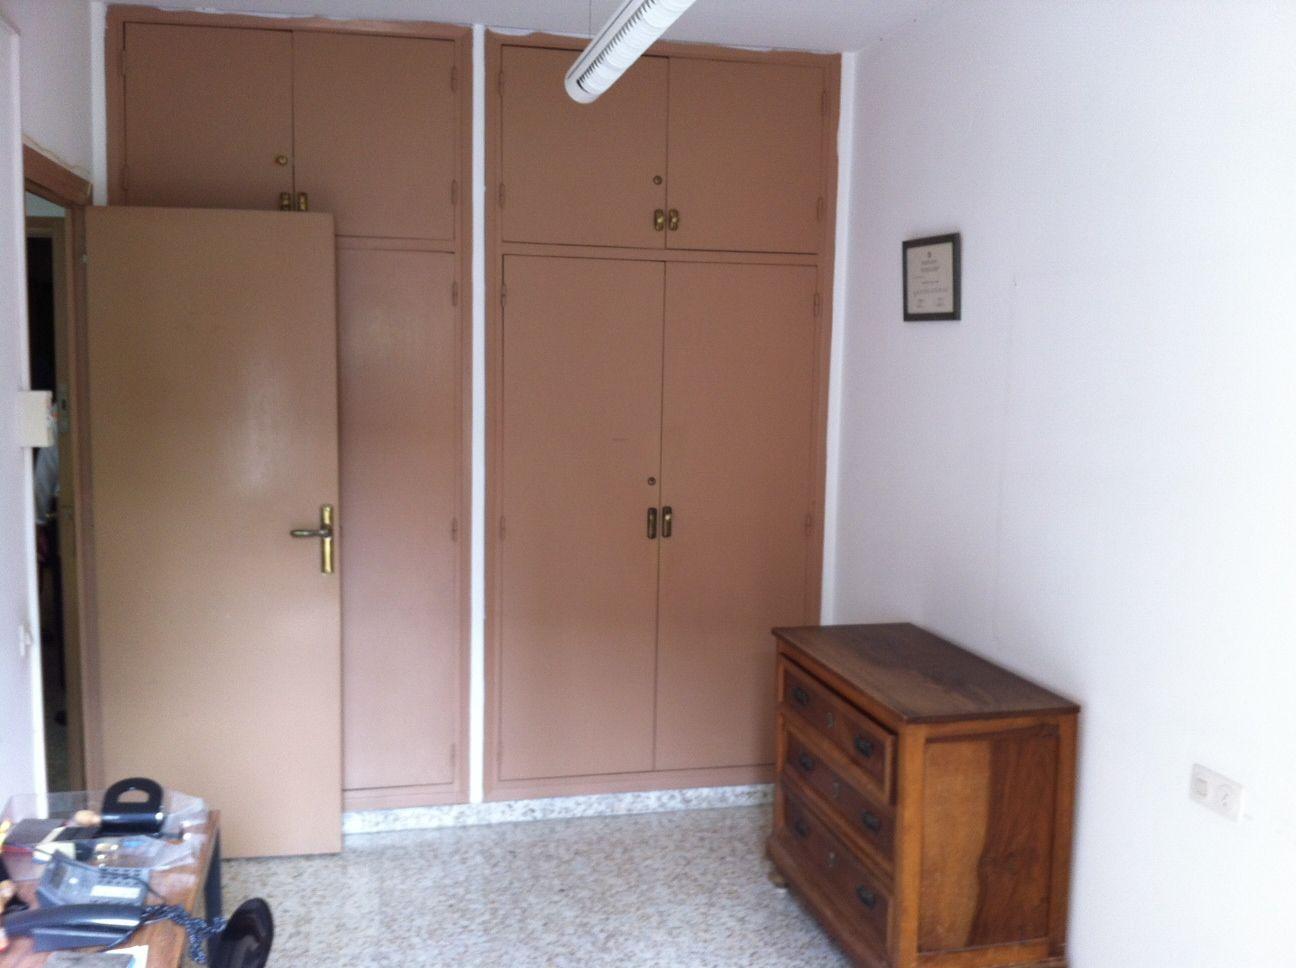 Imatge d'una de les habitacions que seran condicionades amb llits per a persones sense sostre (foto: Fundació Bonanit)